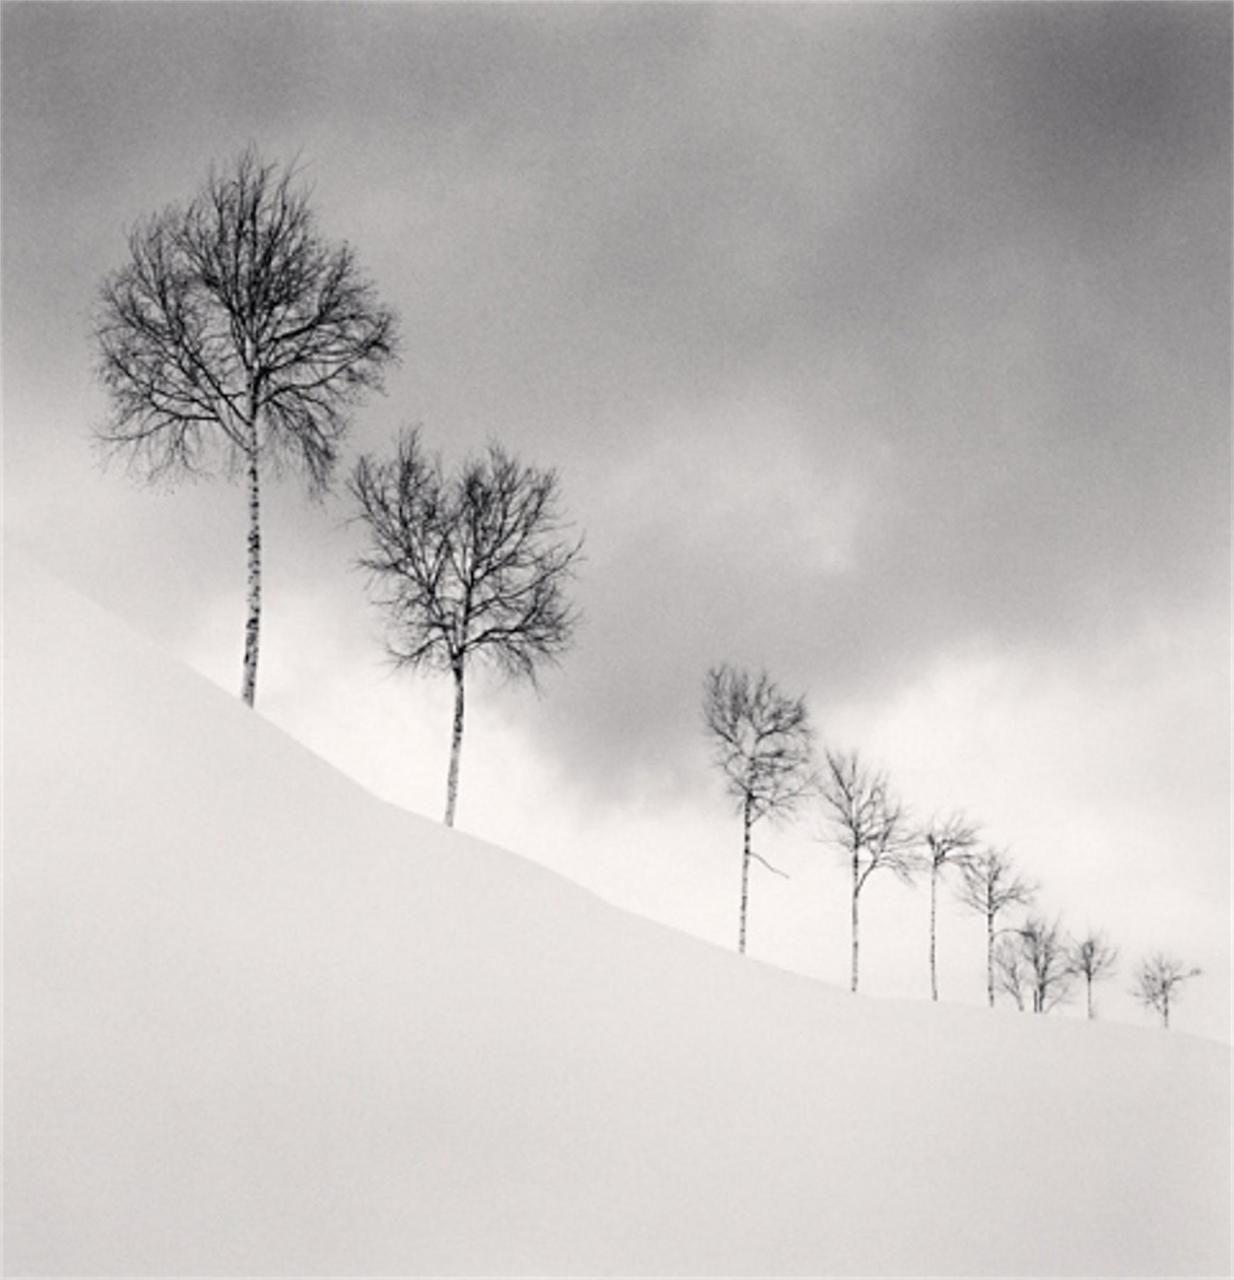 Nine silver birches shibetsu hokkaido japan 2009 by michael kenna